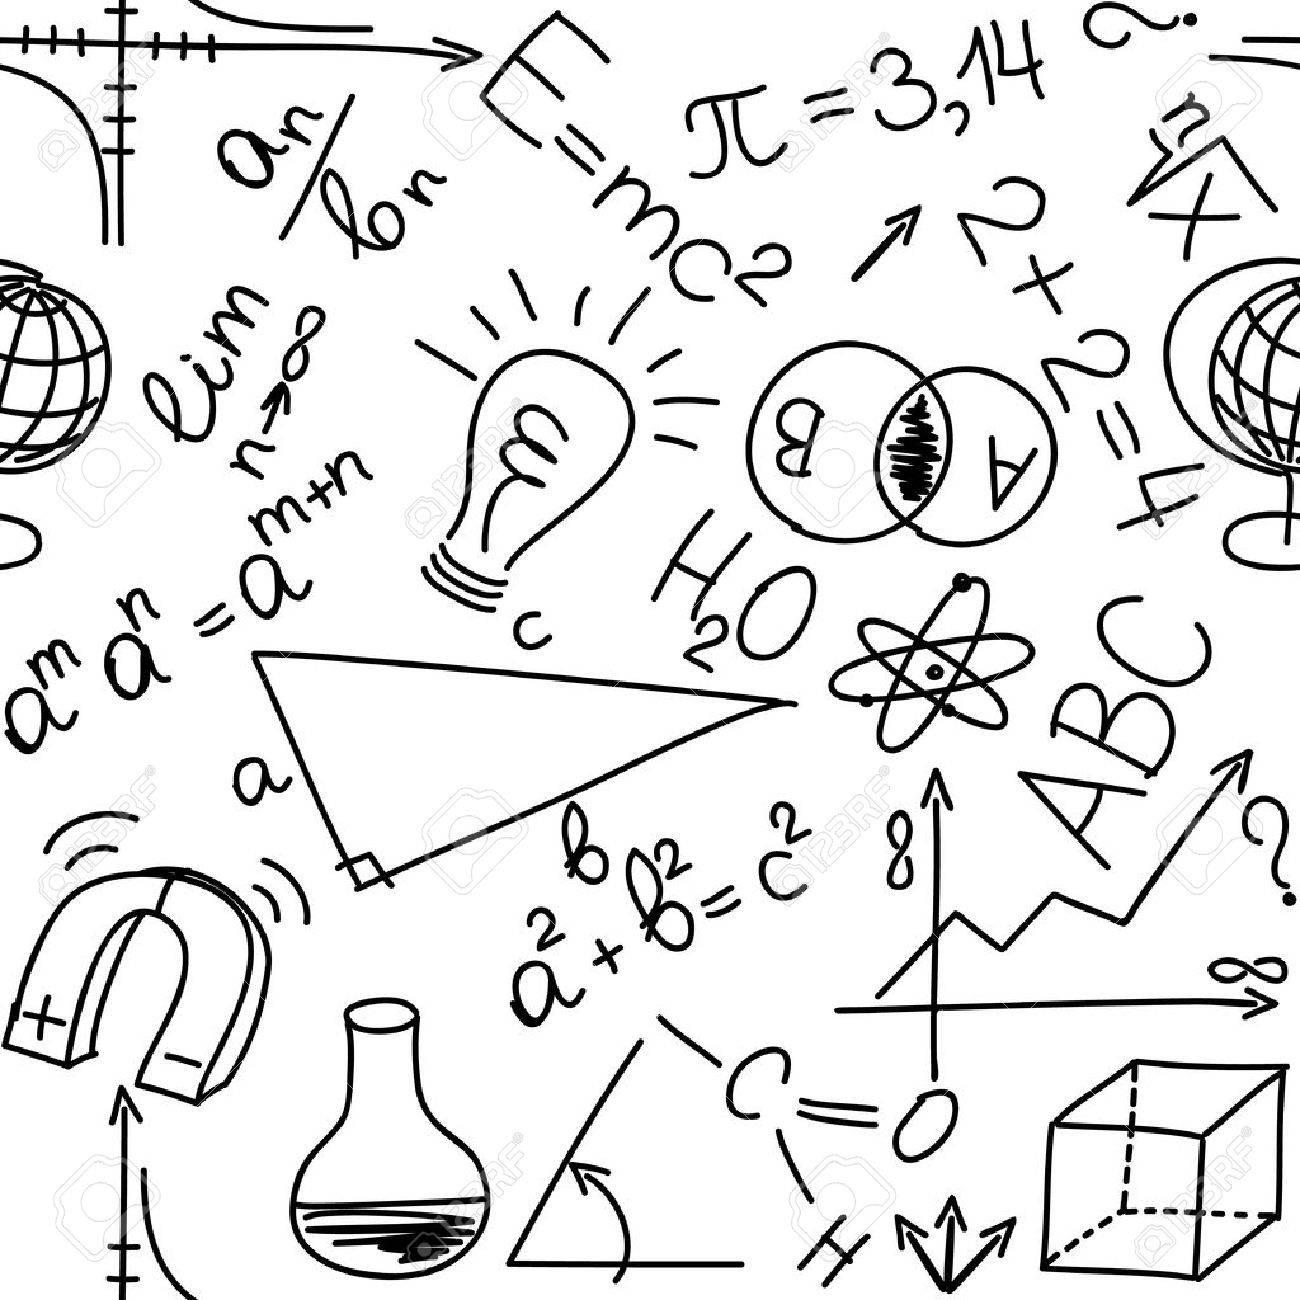 Картинка математические формулы для детей на прозрачном фоне